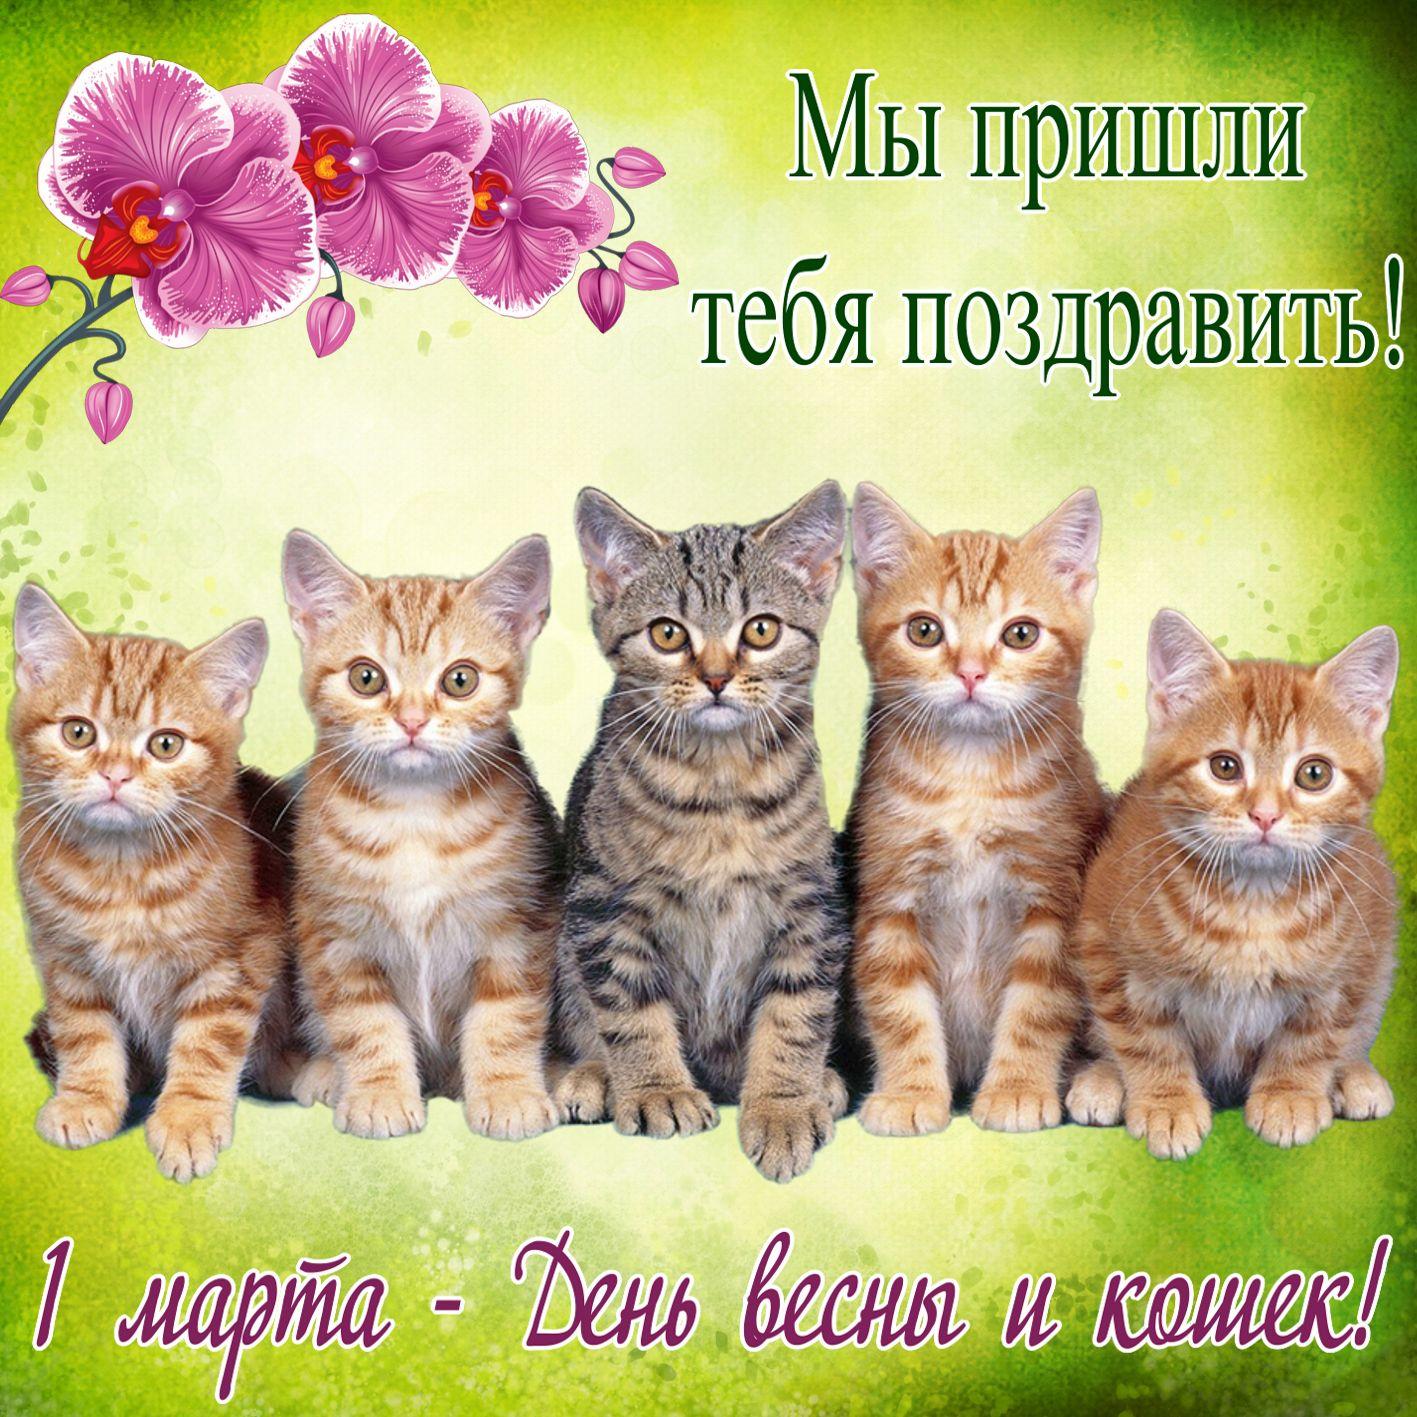 Котята поздравляют с днем весны